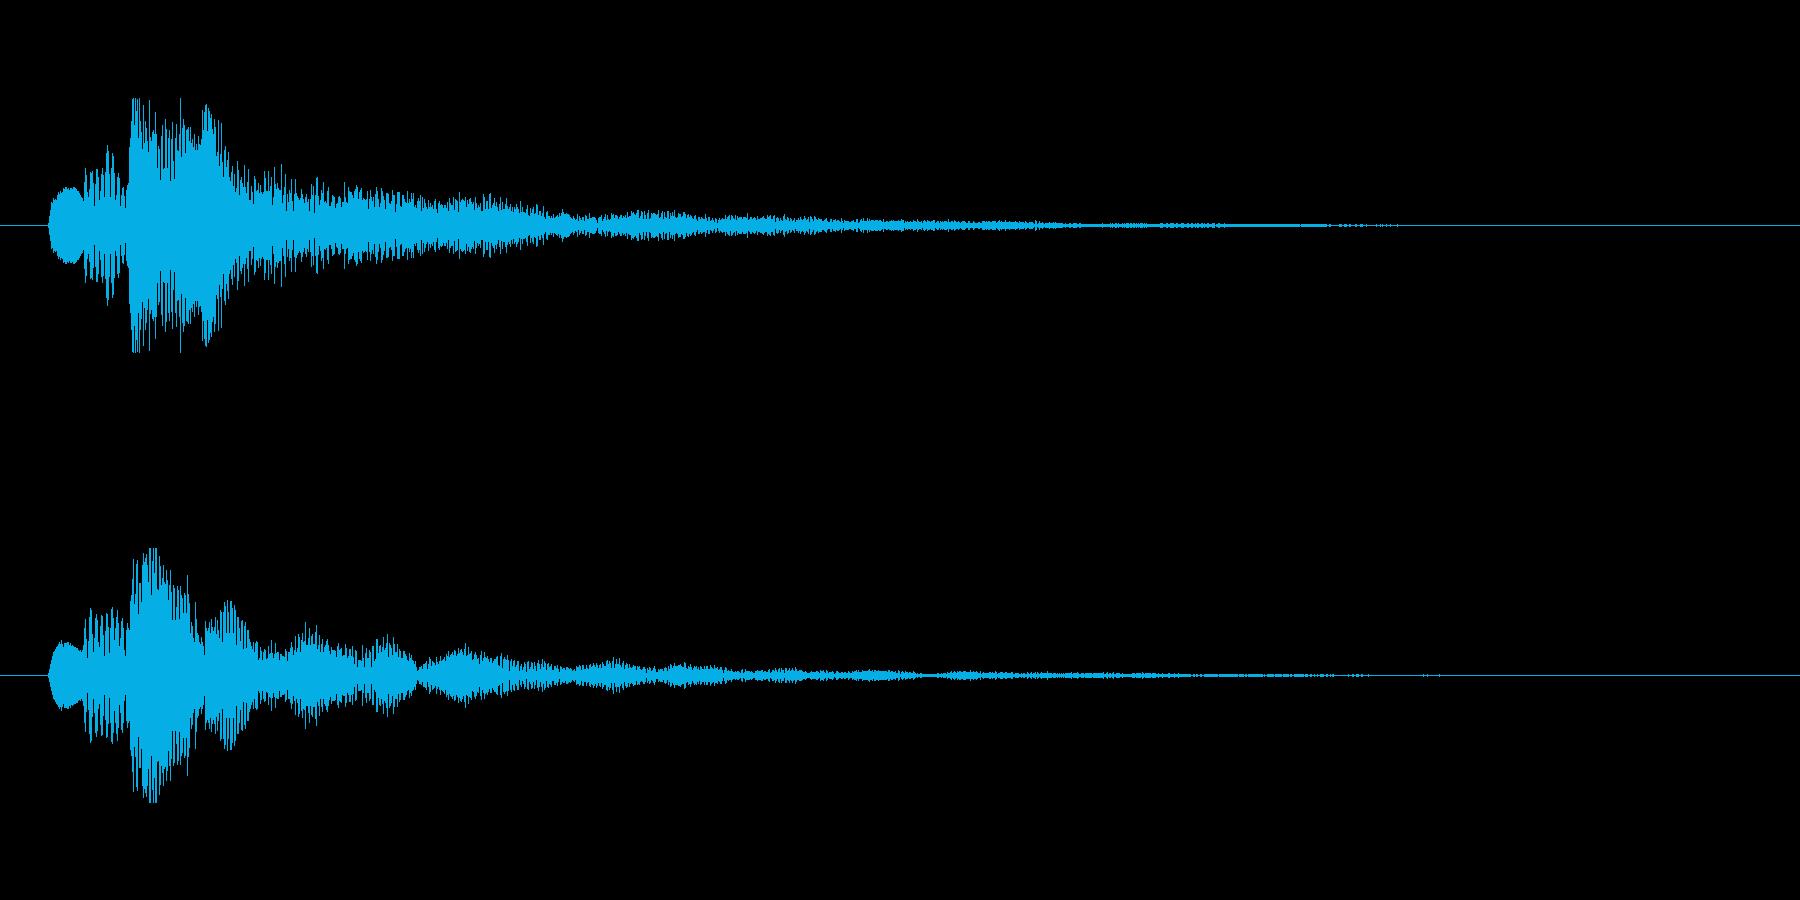 【ショートブリッジ01-1】の再生済みの波形